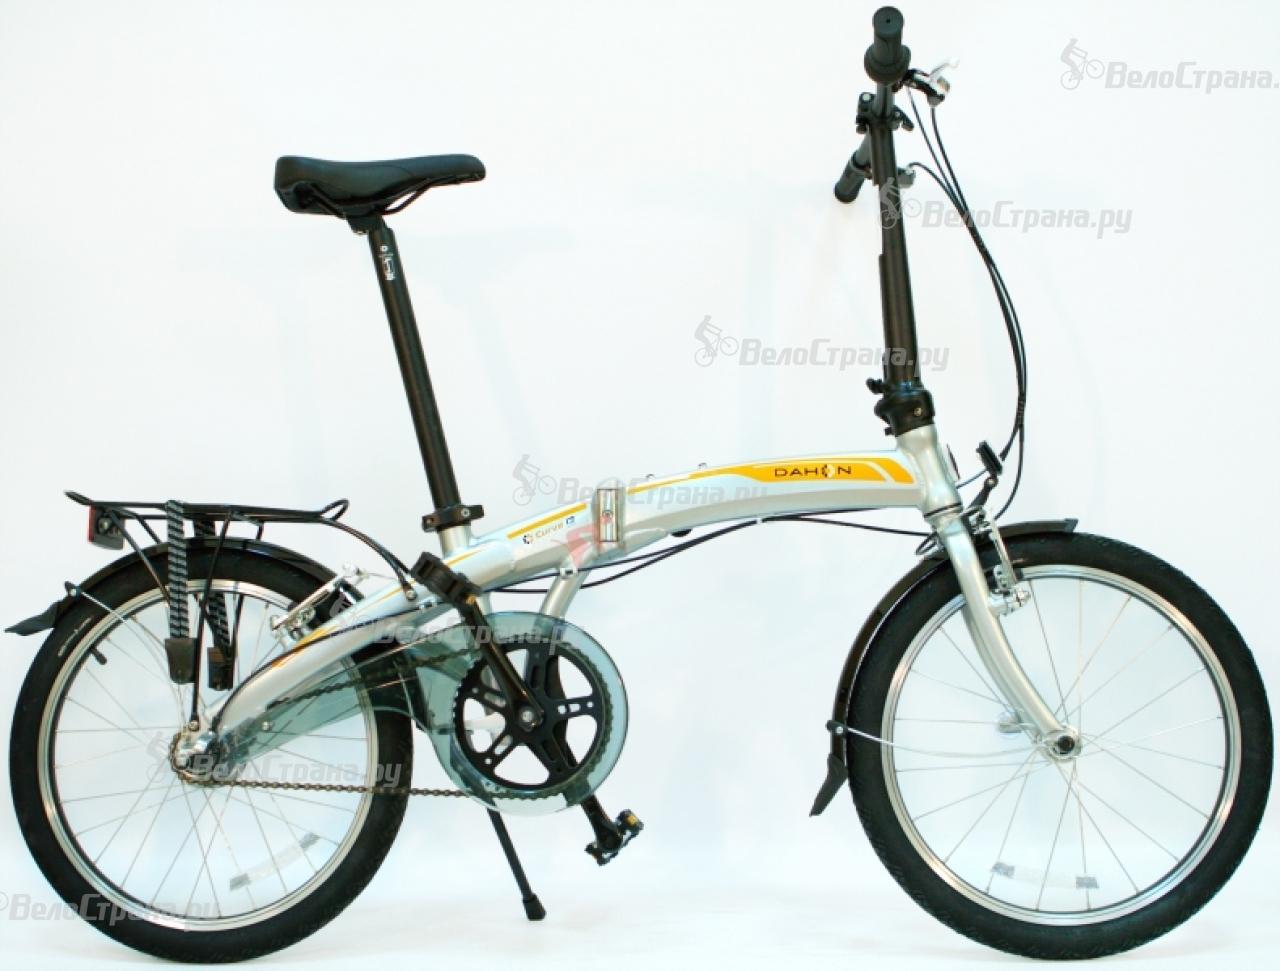 все цены на Велосипед Dahon Curve i3 20 (2016) онлайн